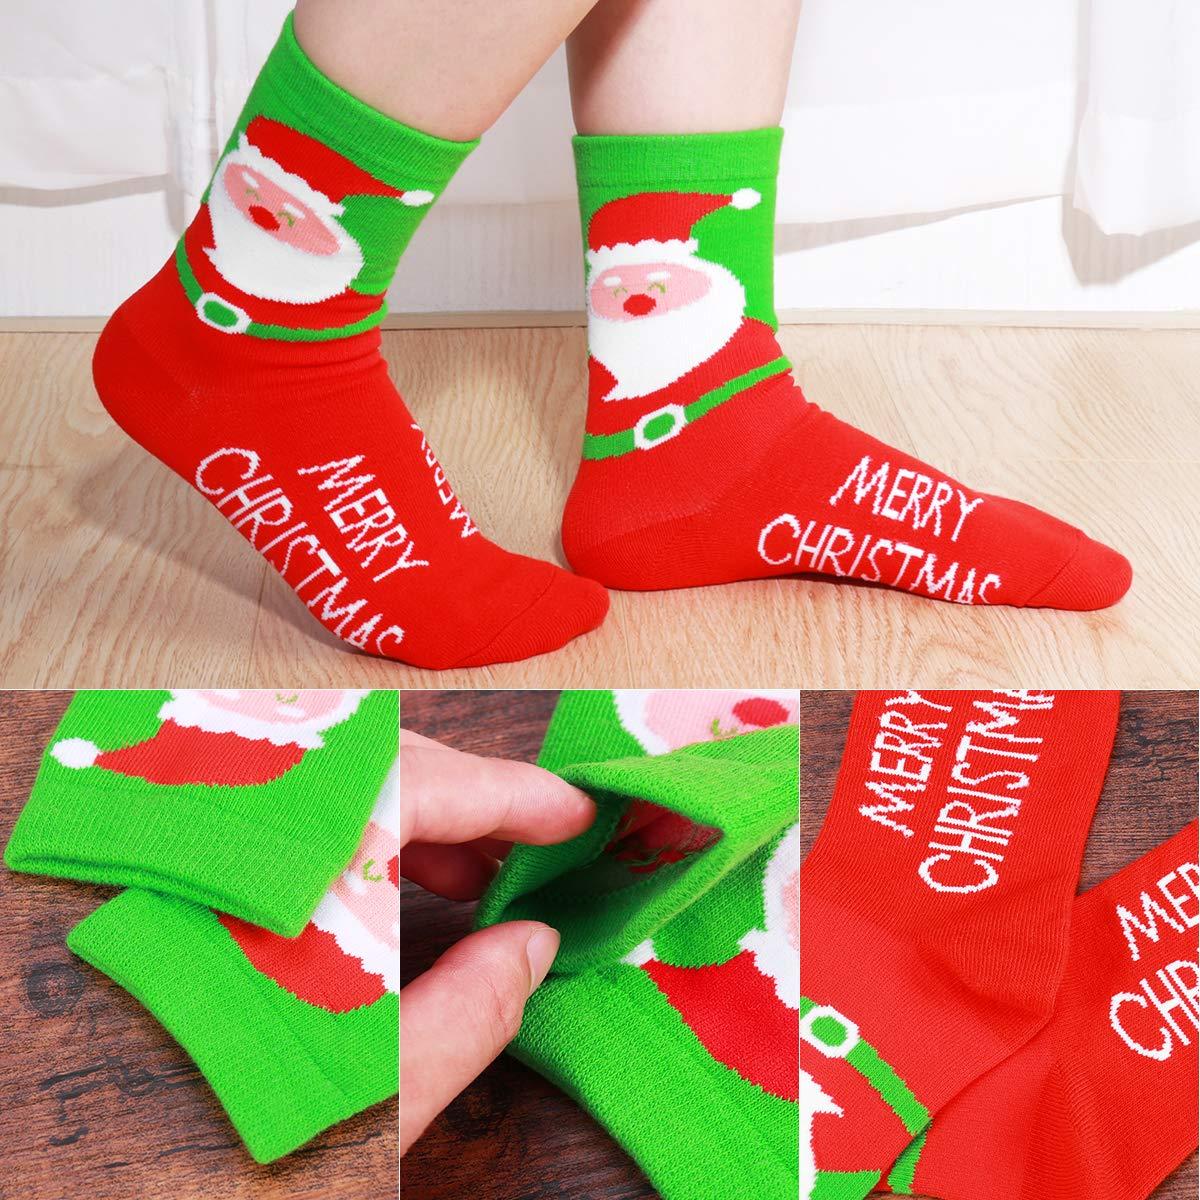 Amosfun Calcetines Casuales de Vacaciones de Navidad de Las Mujeres Patrón Lindo Calcetines de Algodón Colorido Regalos de Navidad, 5 Pares: Amazon.es: Ropa ...